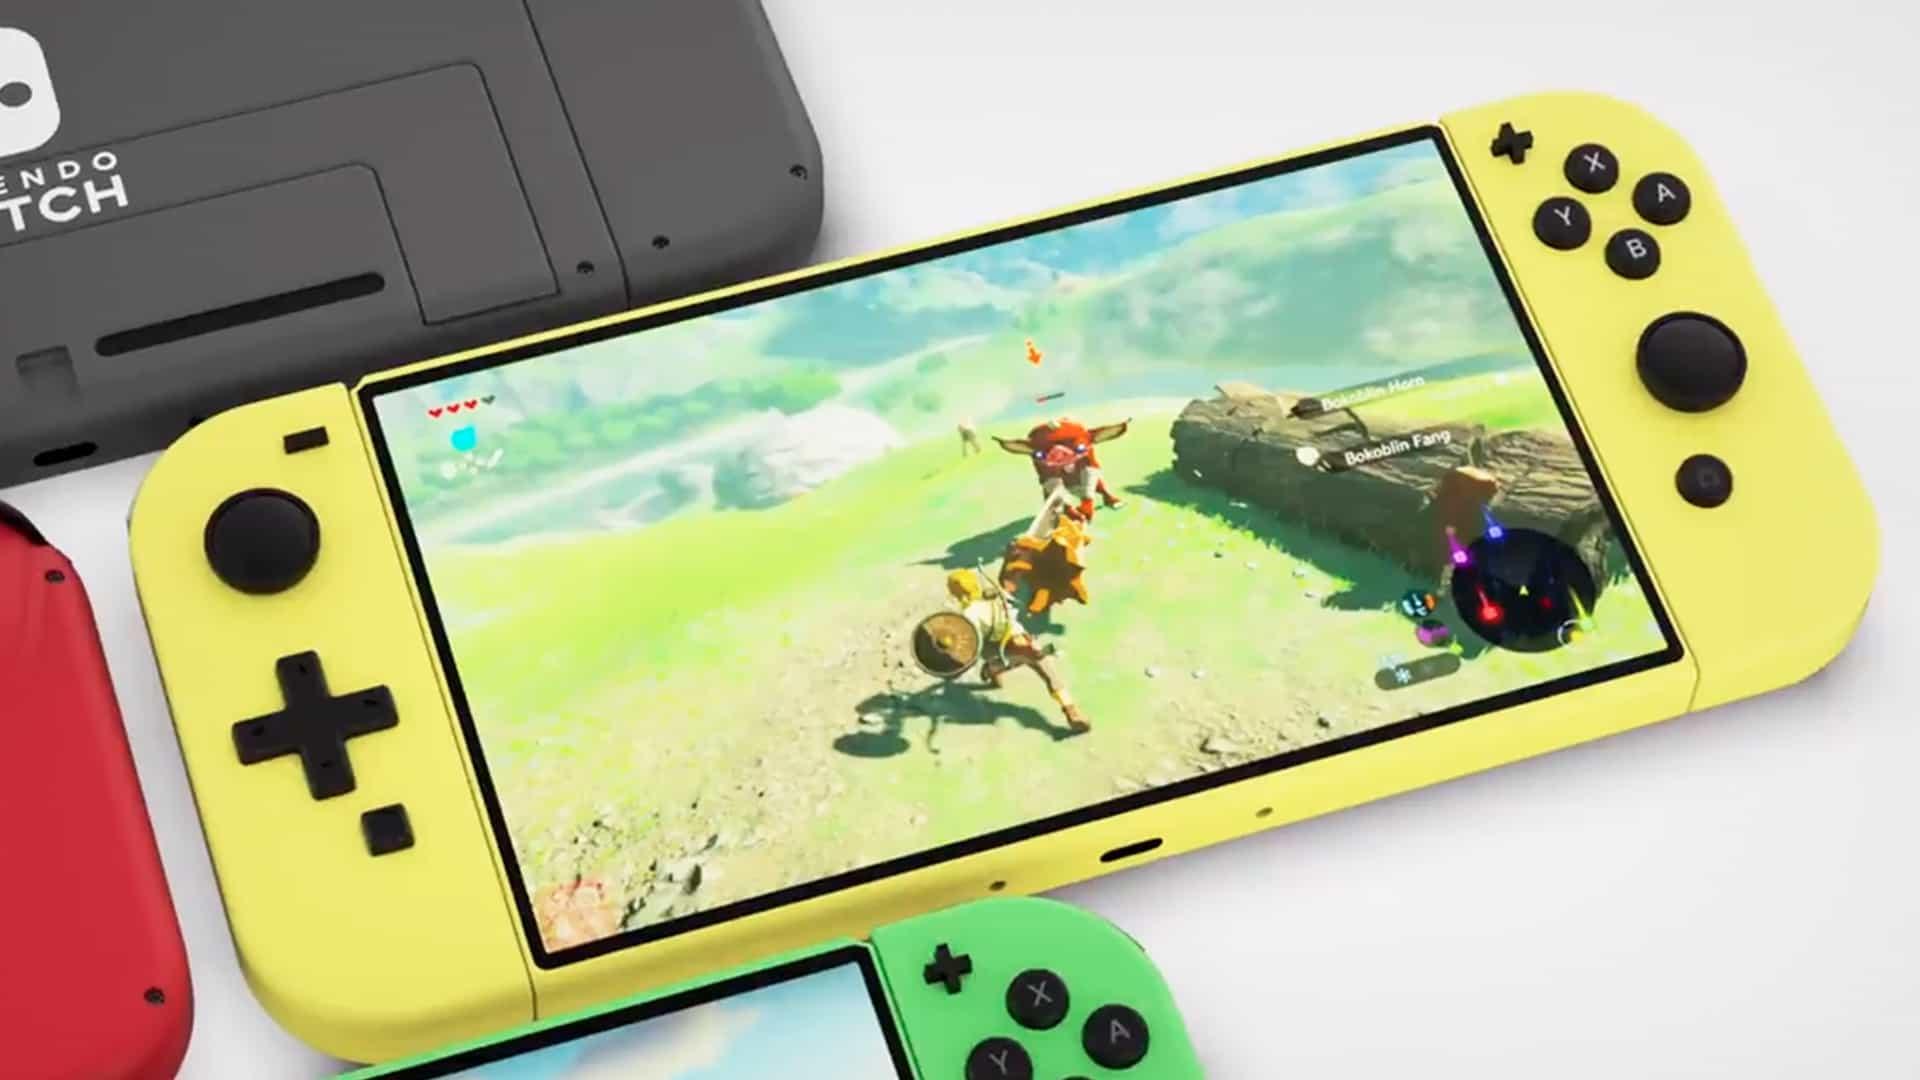 ¿Esperando el Nintendo Switch Pro? Puede haber malas noticias